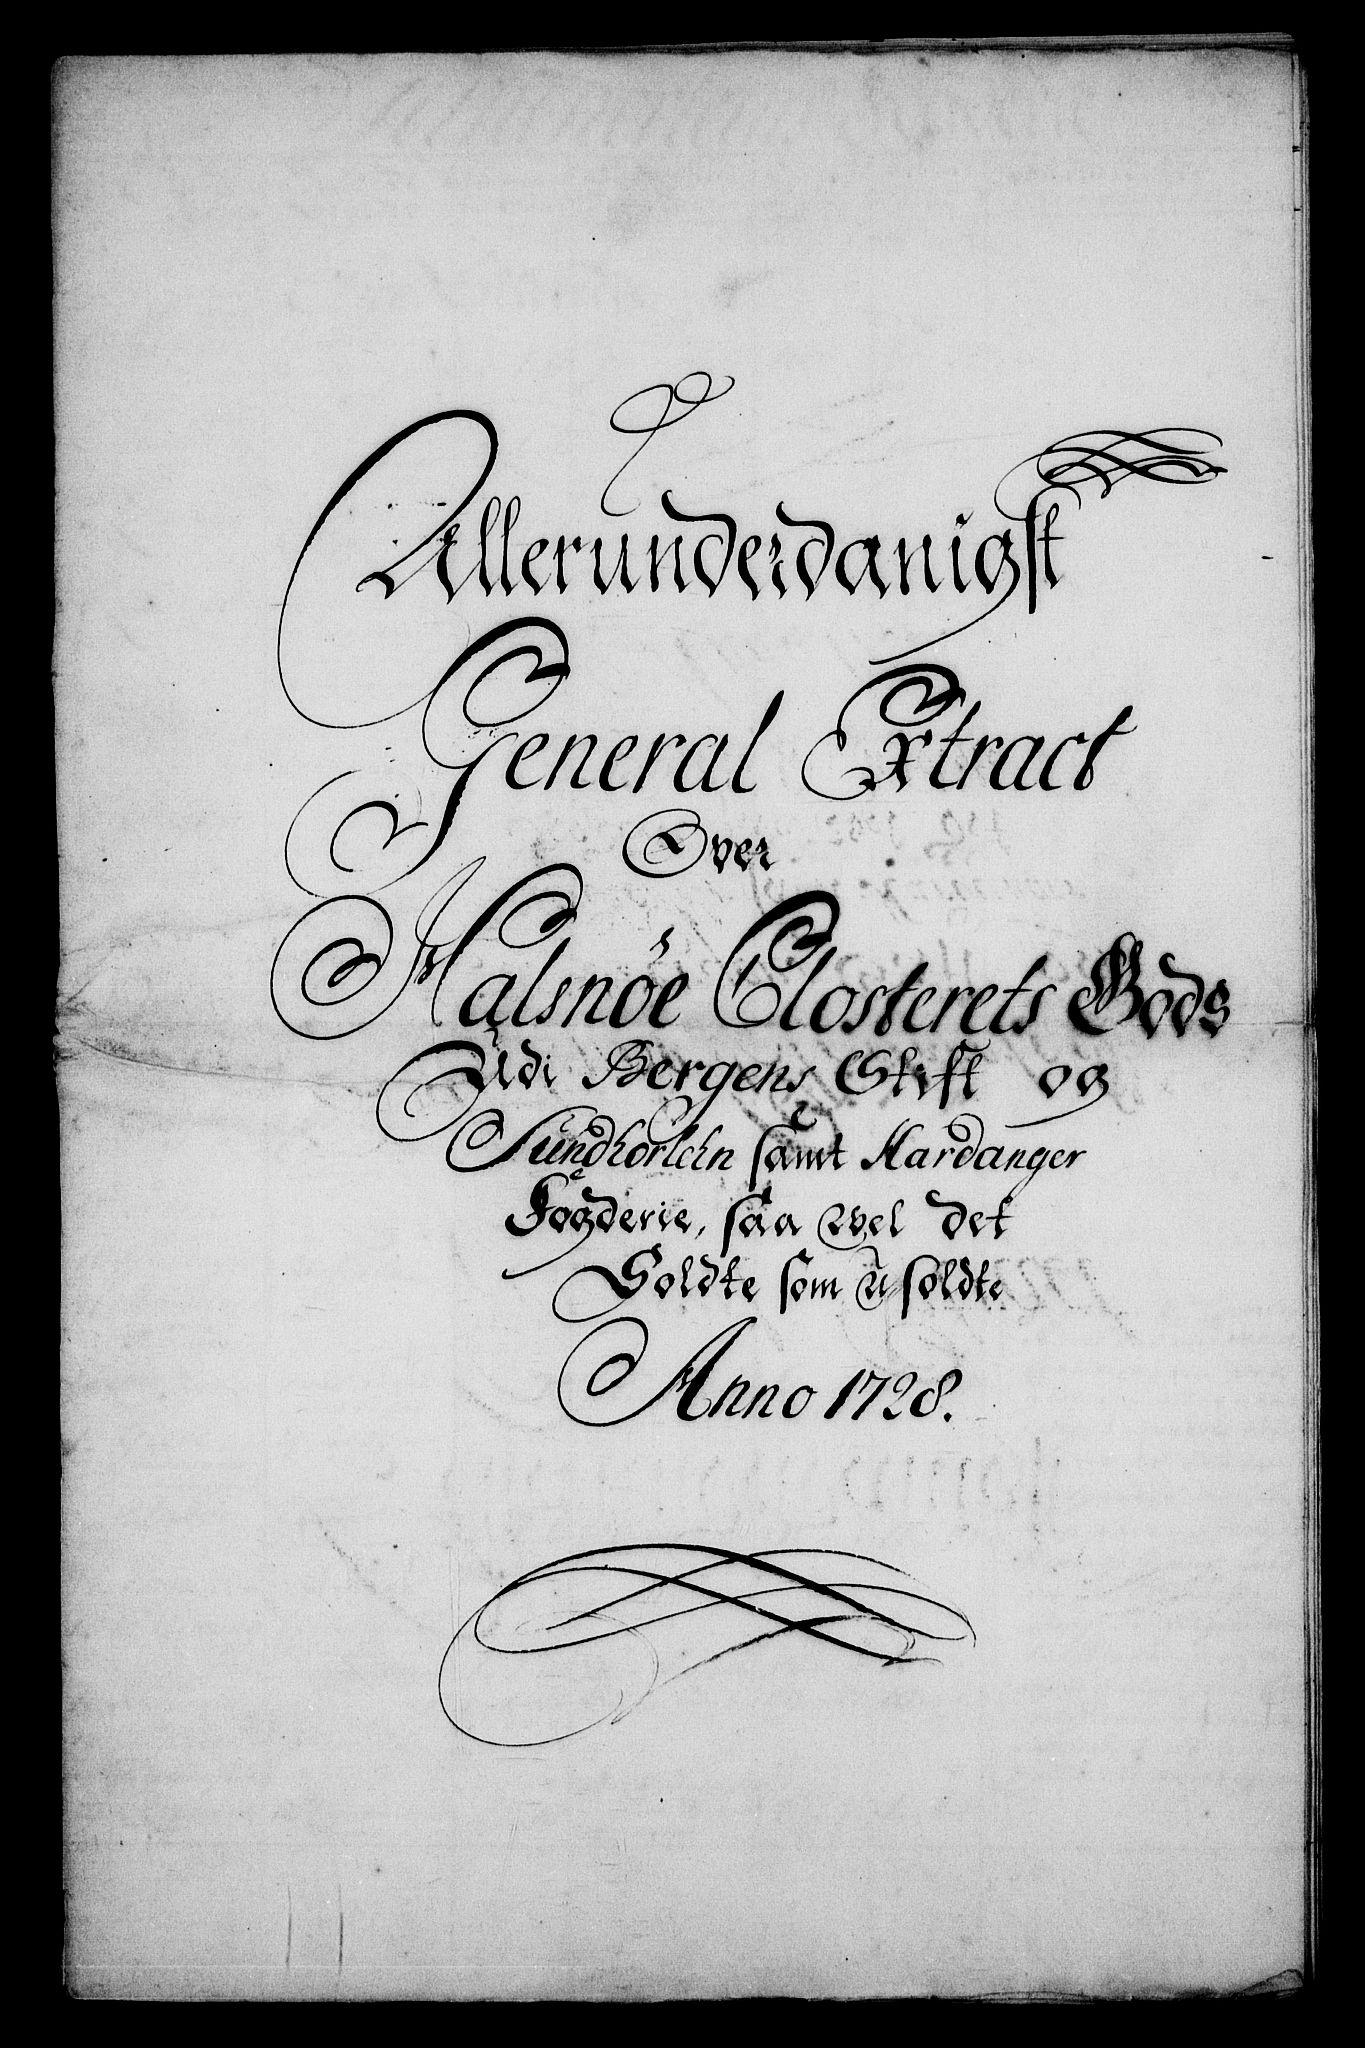 RA, Rentekammeret inntil 1814, Realistisk ordnet avdeling, On/L0003: [Jj 4]: Kommisjonsforretning over Vilhelm Hanssøns forpaktning av Halsnøy klosters gods, 1721-1729, s. 237